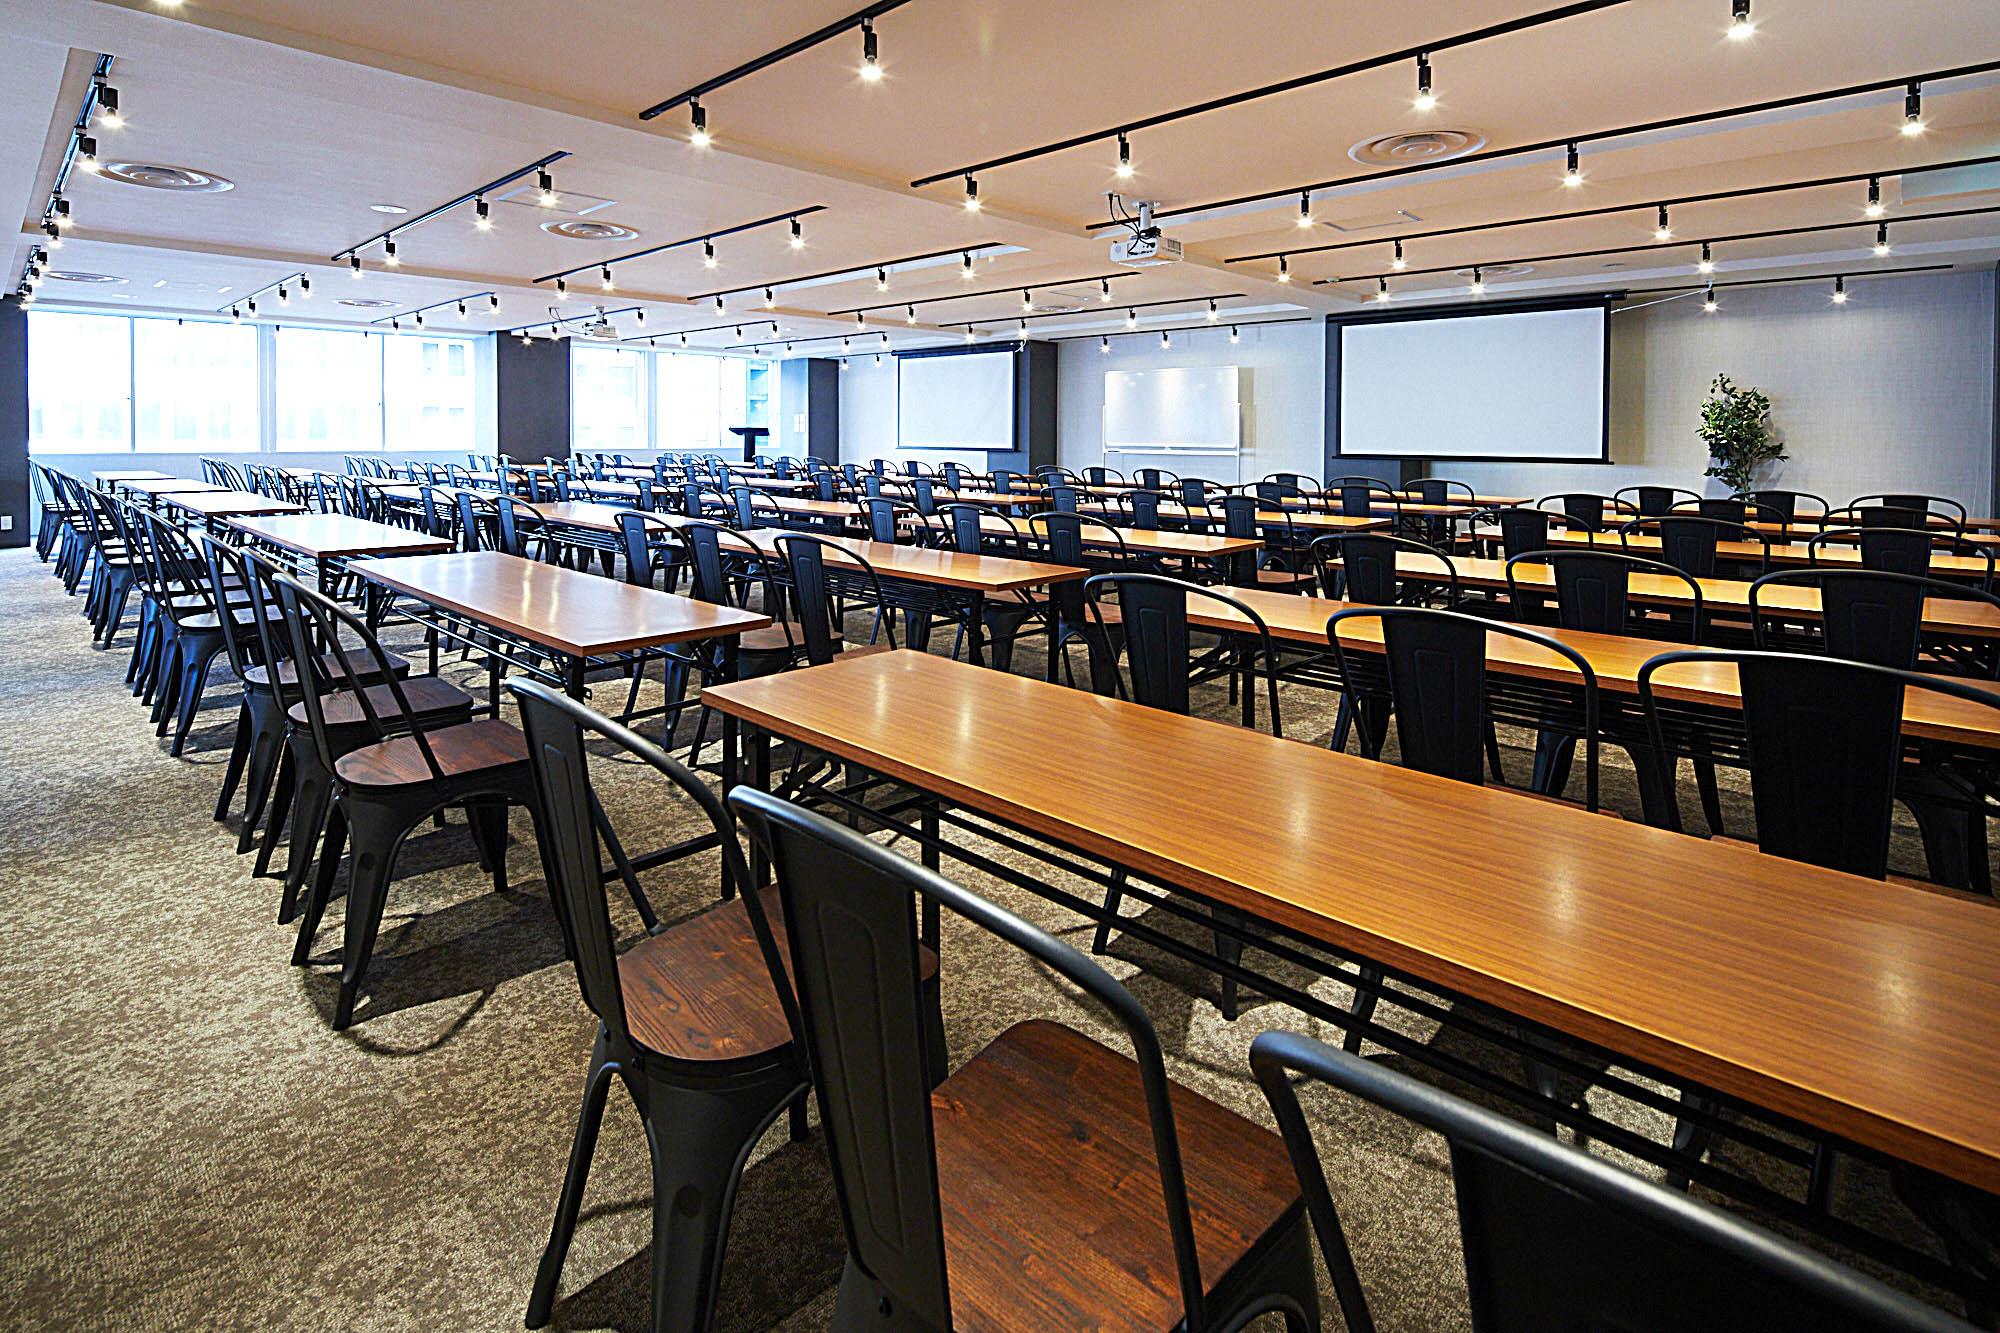 3月オープンの新スペース!<TIME SHARING新宿4A>の魅力とは?|TIME SHARING|タイムシェアリング |スペースマネジメント|あどばる|adval|SHARING